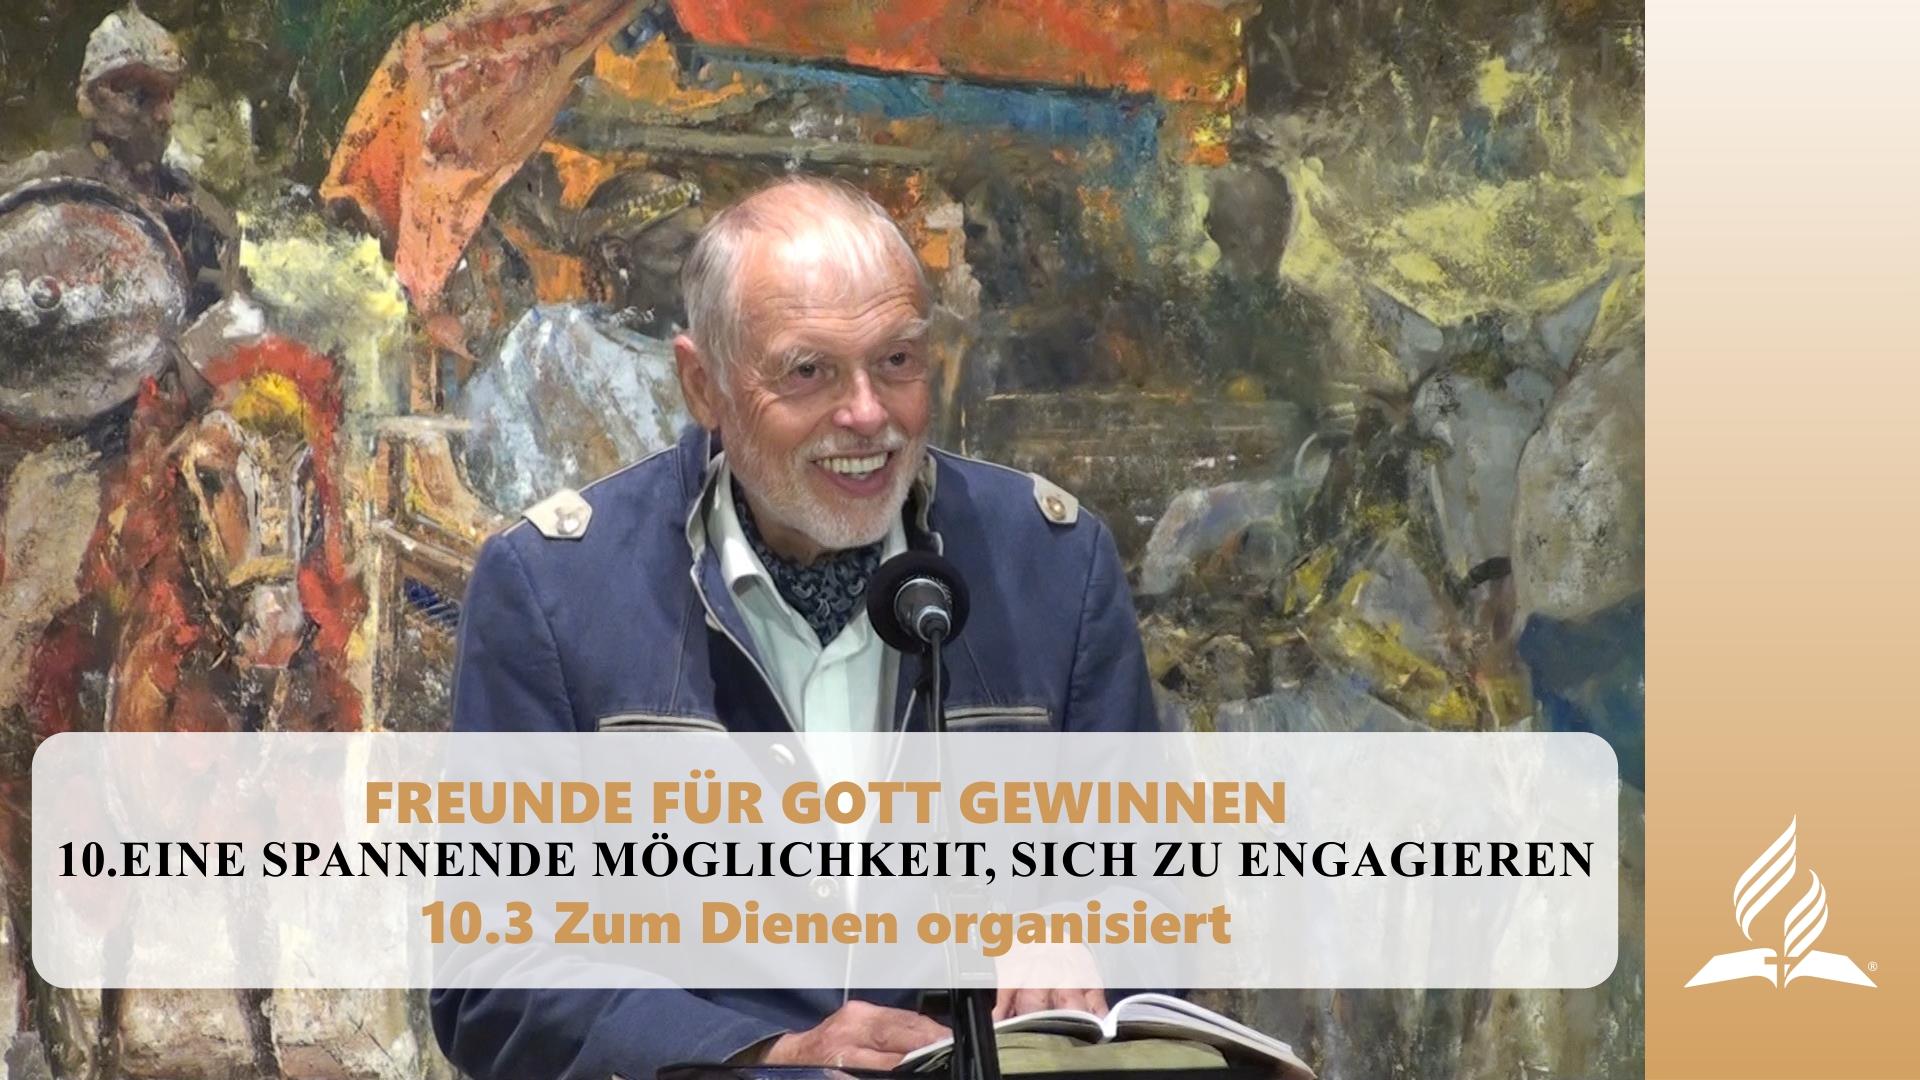 10.3 Zum Dienen organisiert – EINE SPANNENDE MÖGLICHKEIT, SICH ZU ENGAGIEREN | Pastor Mag. Kurt Piesslinger